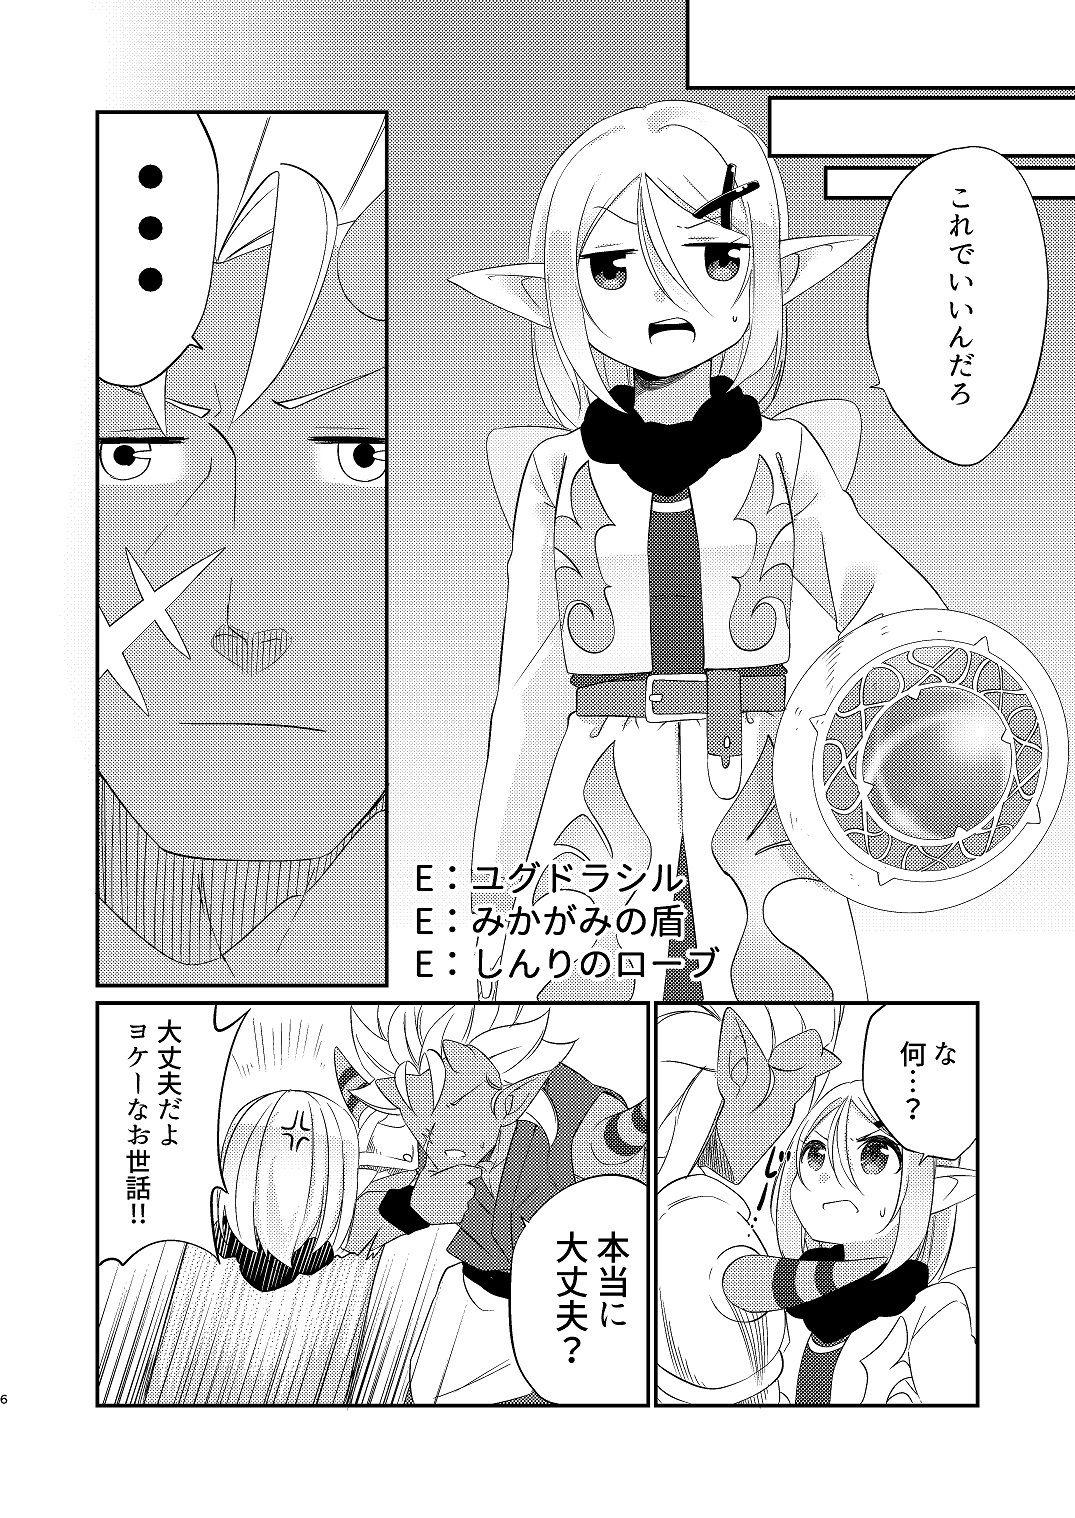 エックス君が手違いでえるおじに転生する本V 〜妖精図書館編〜